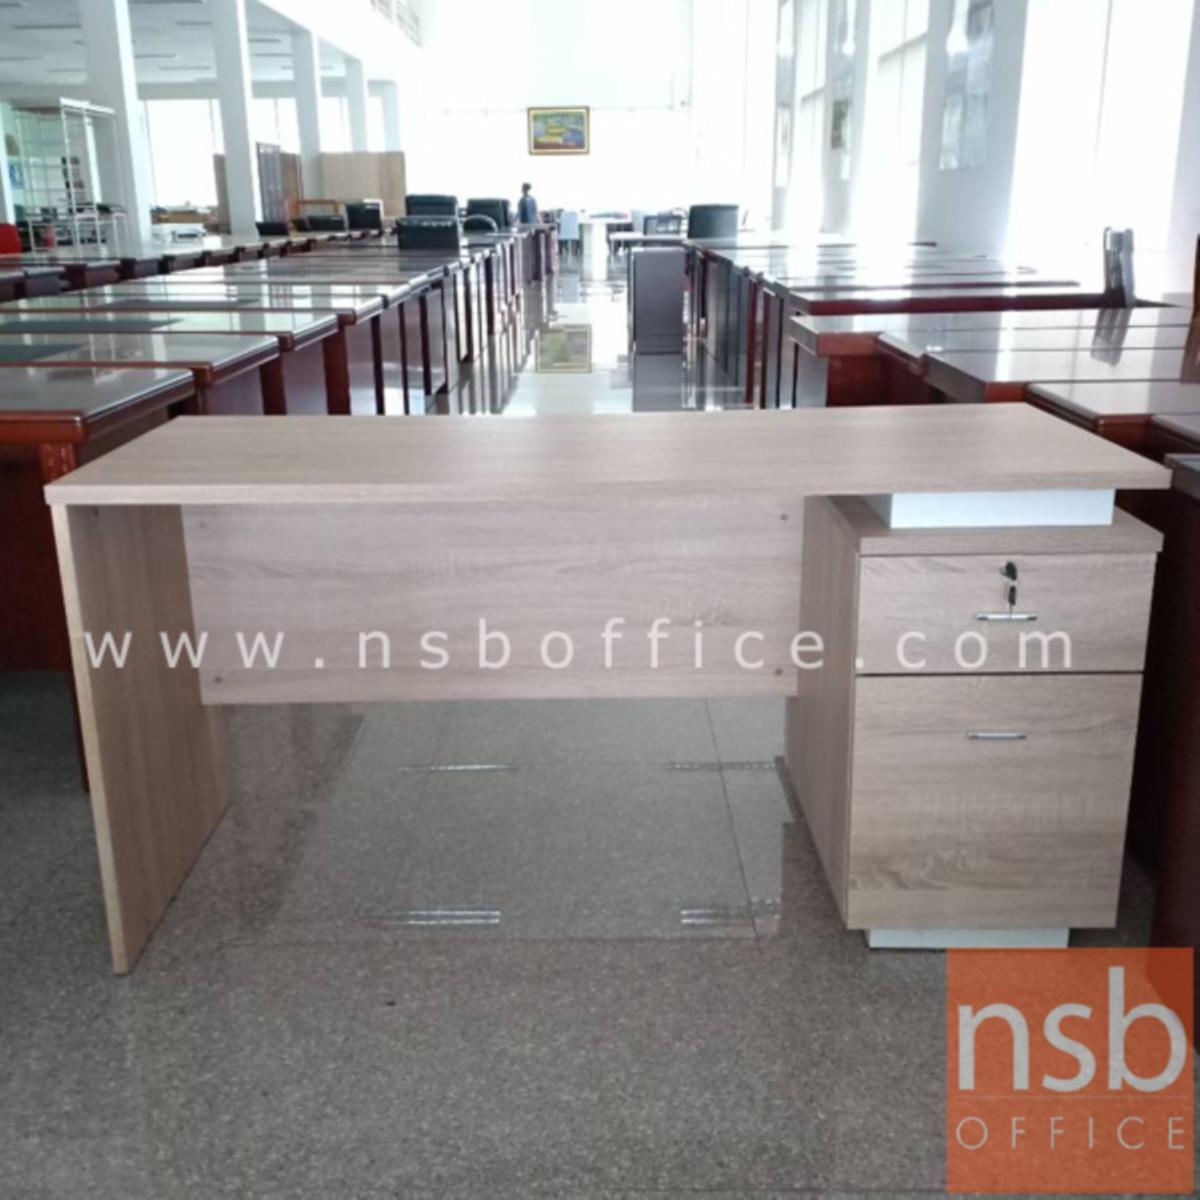 โต๊ะทำงาน 1 ลิ้นชัก 1 บานเปิด  รุ่น D-CP ขนาด 150W cm. เมลามีน